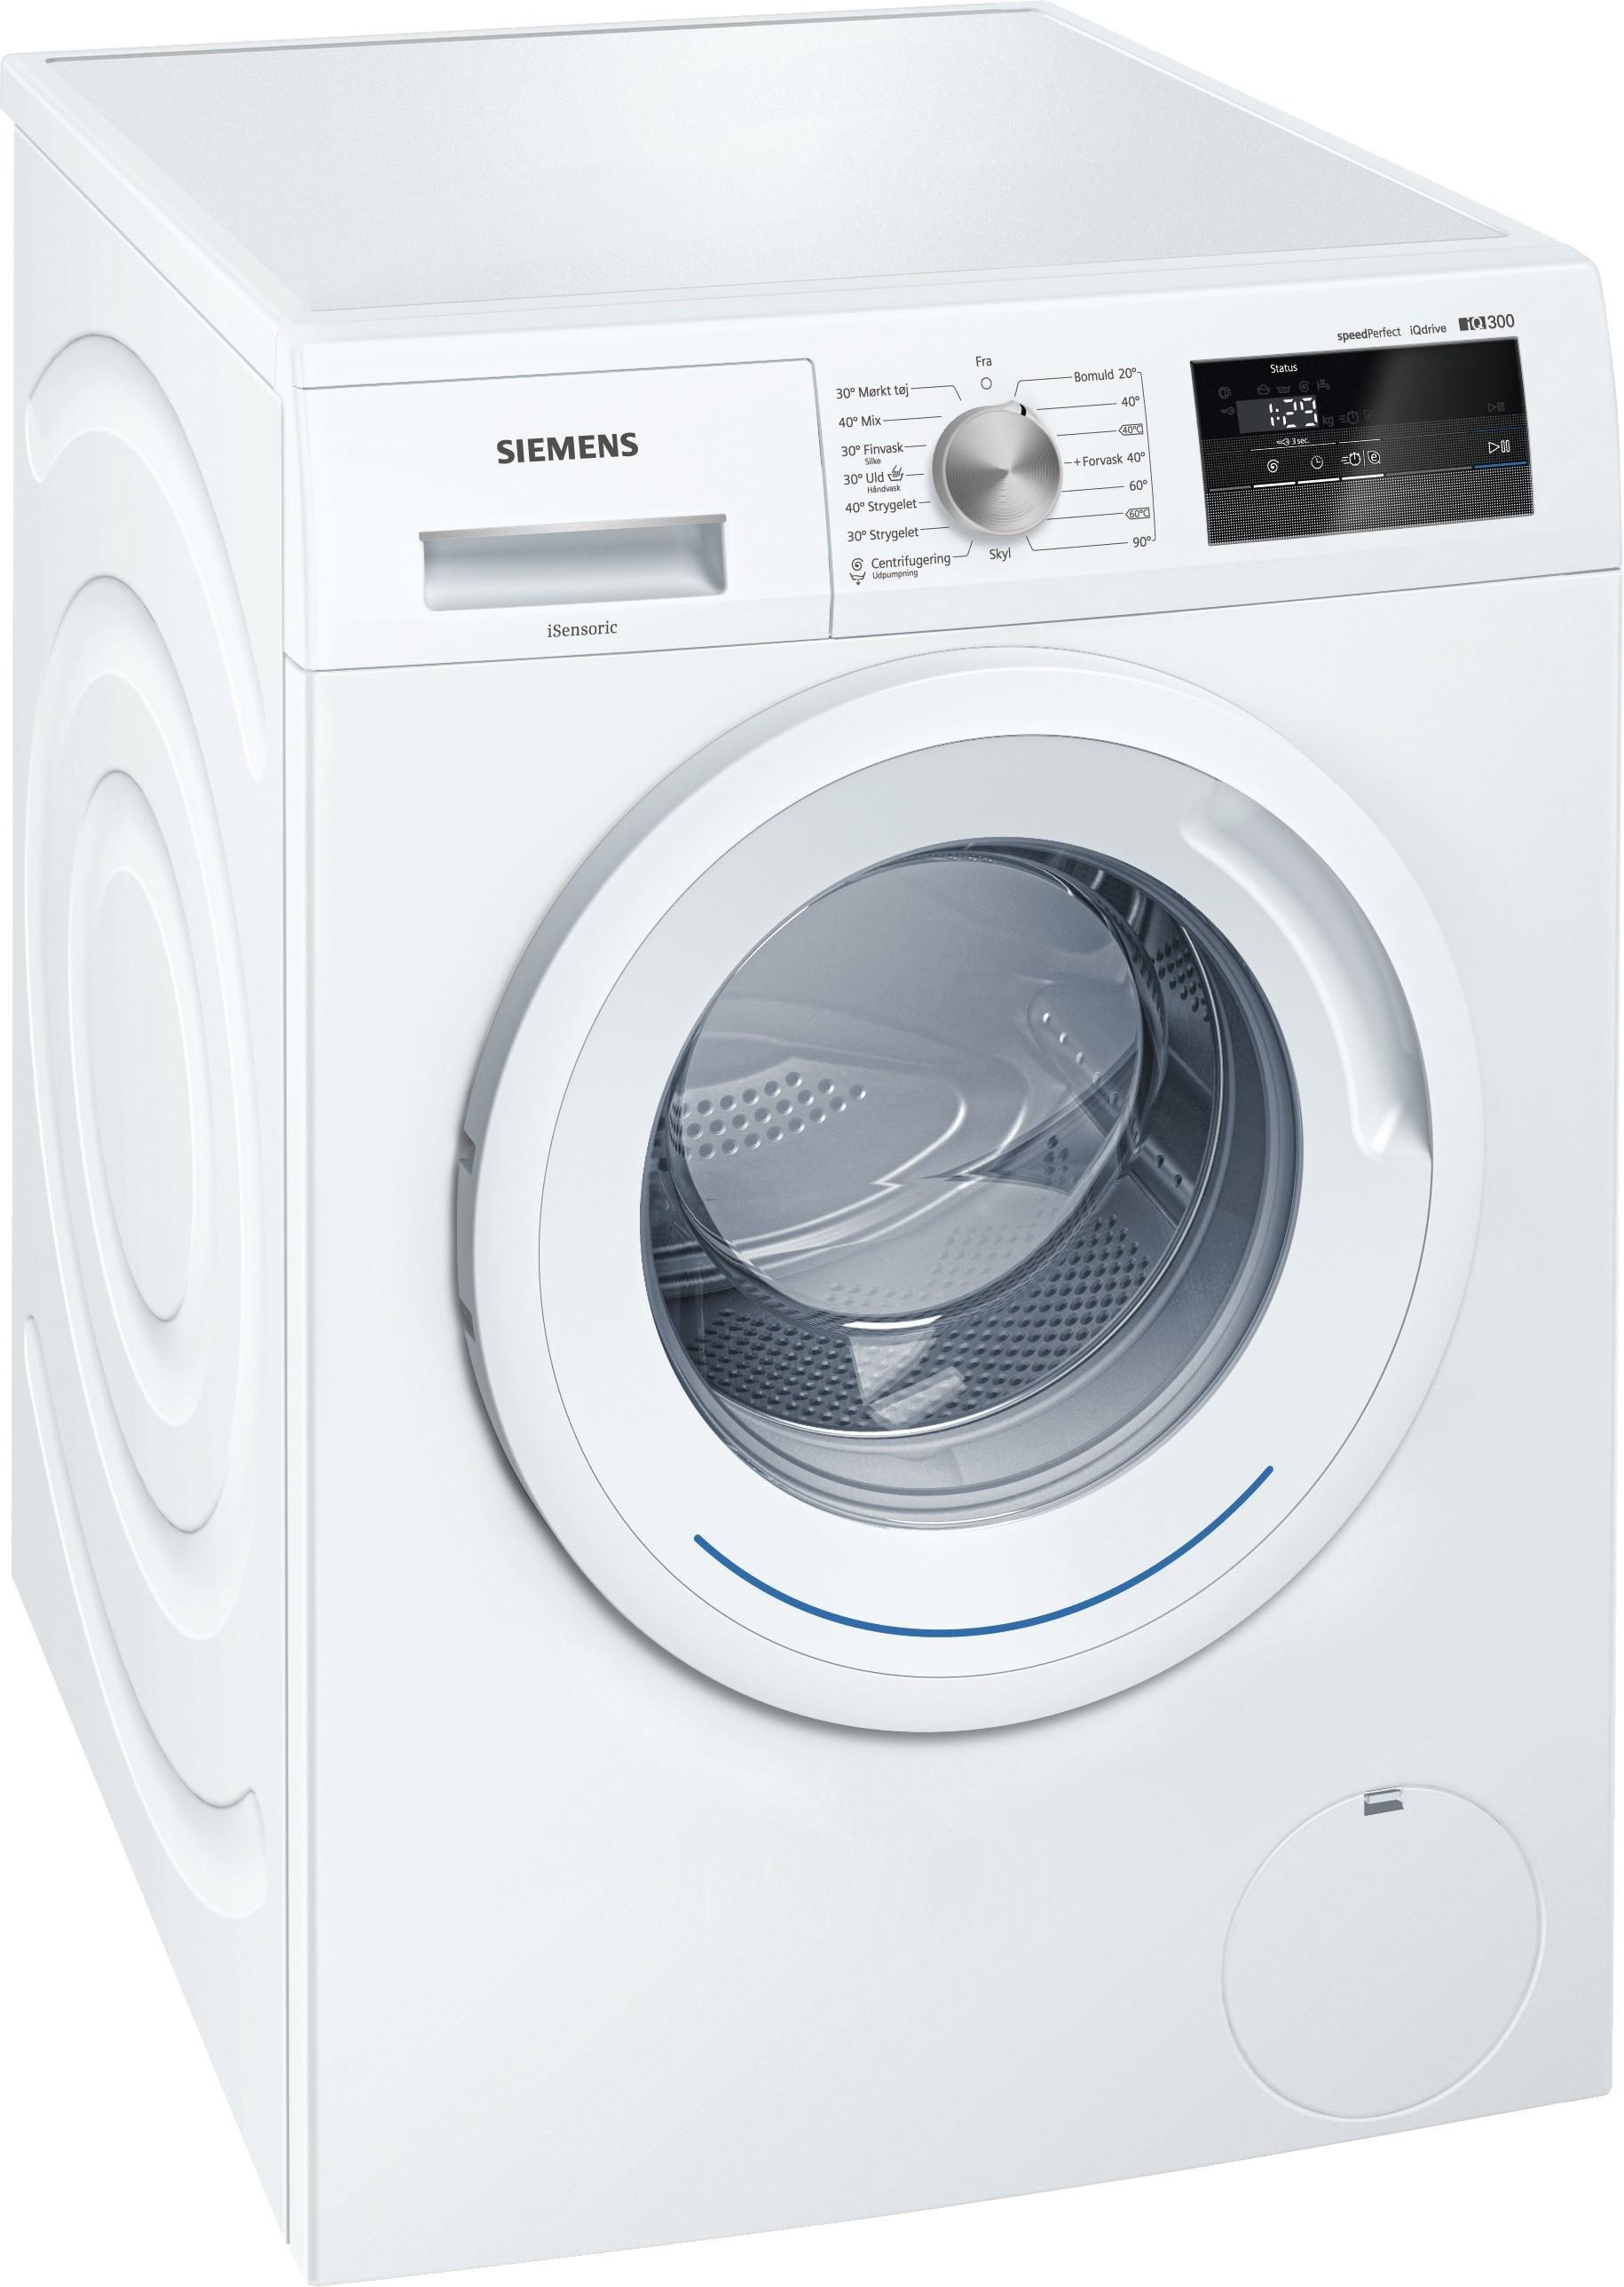 Stort udvalg af billige vaskemaskiner - Elgiganten